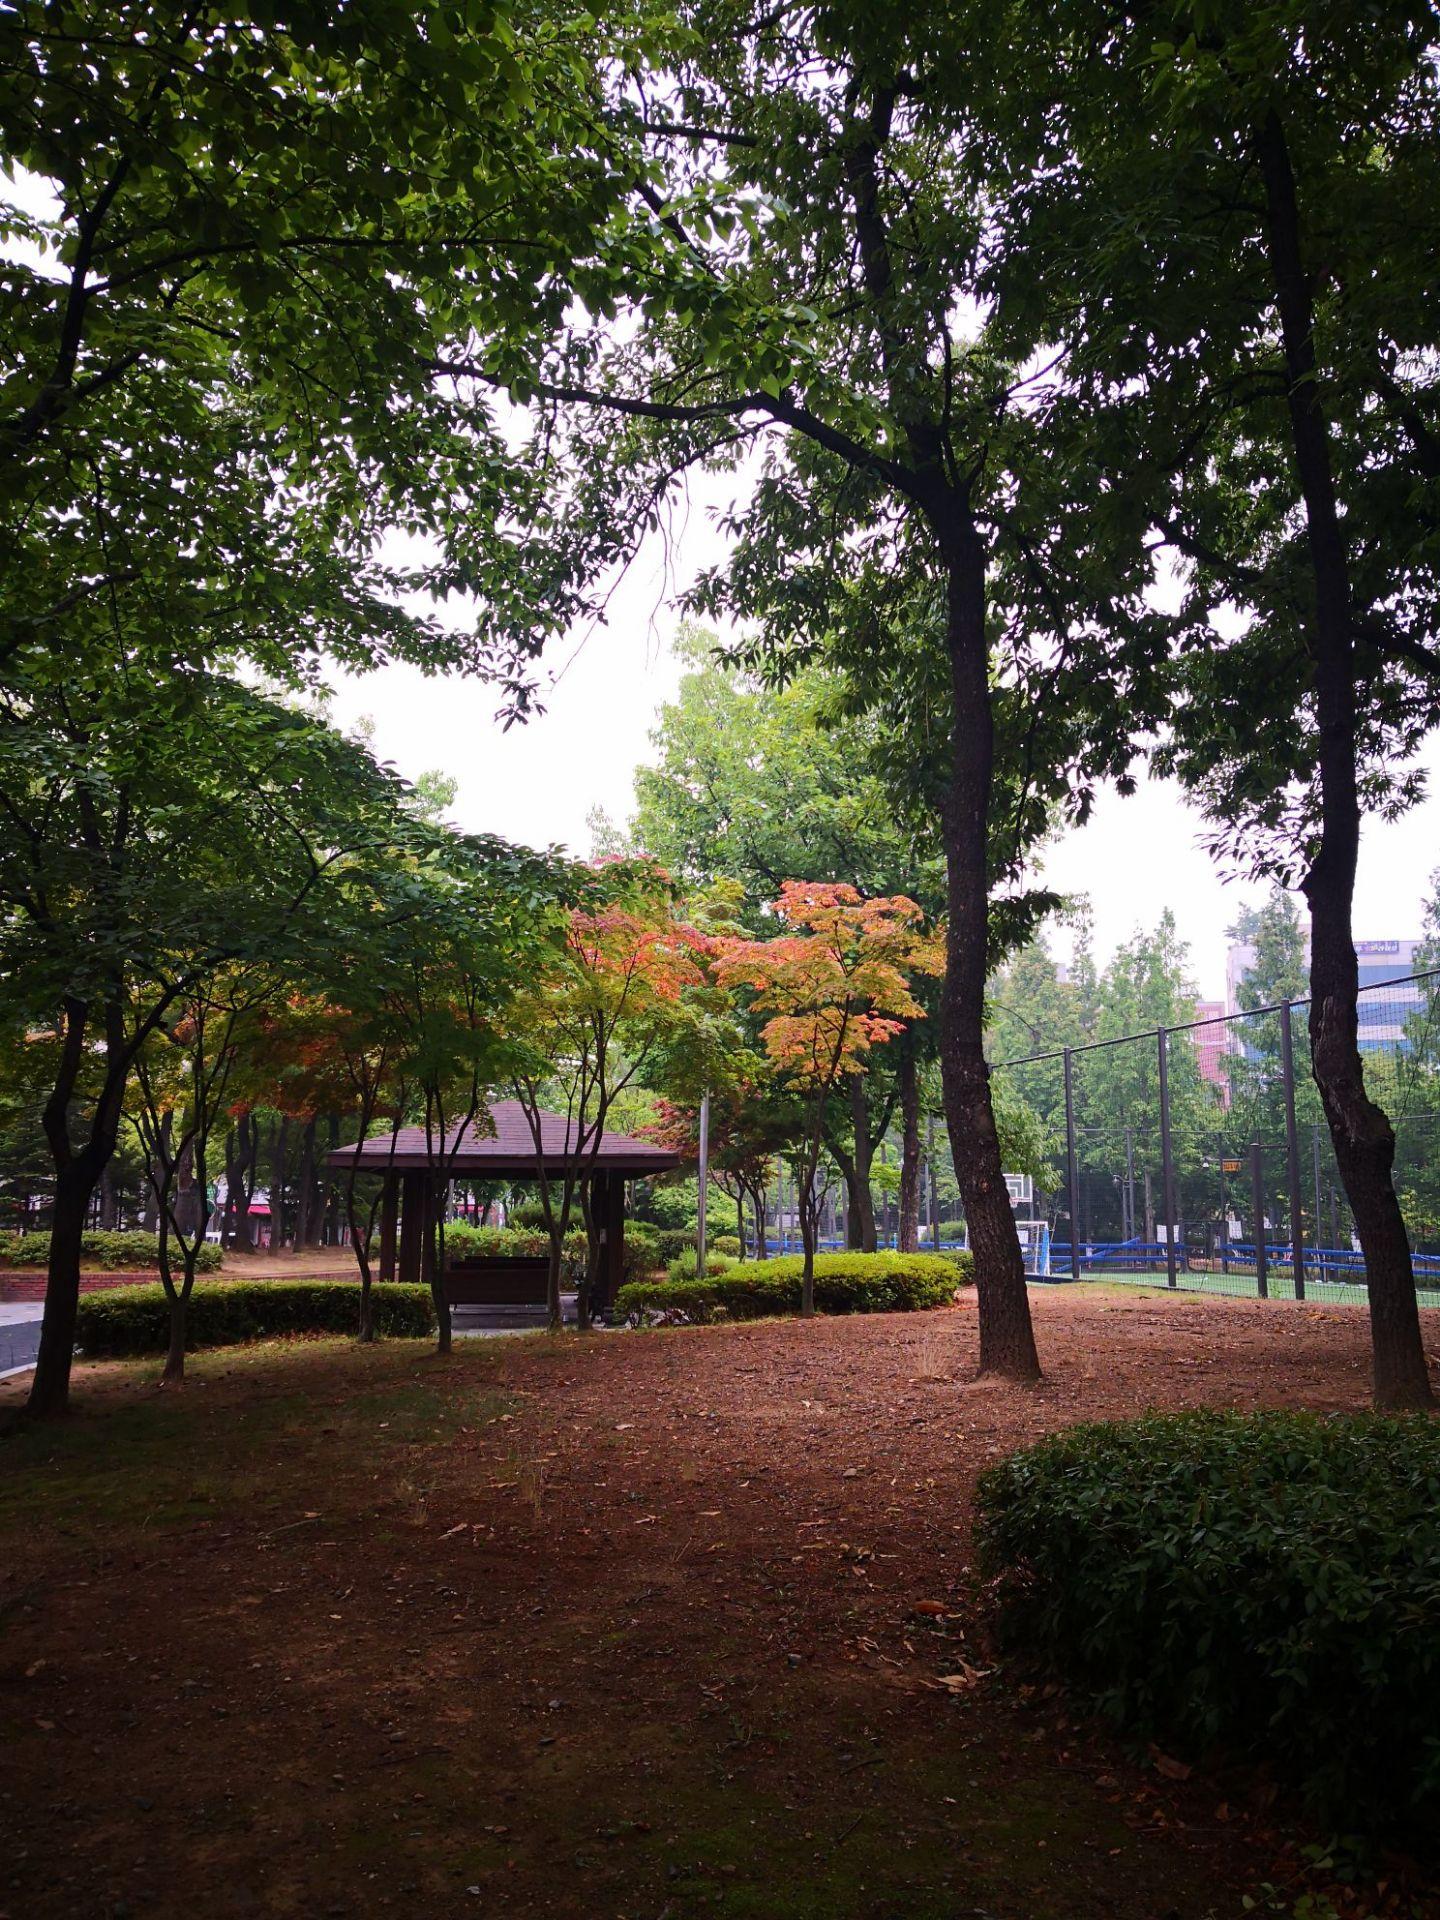 Gyeonggi Provincial Museum